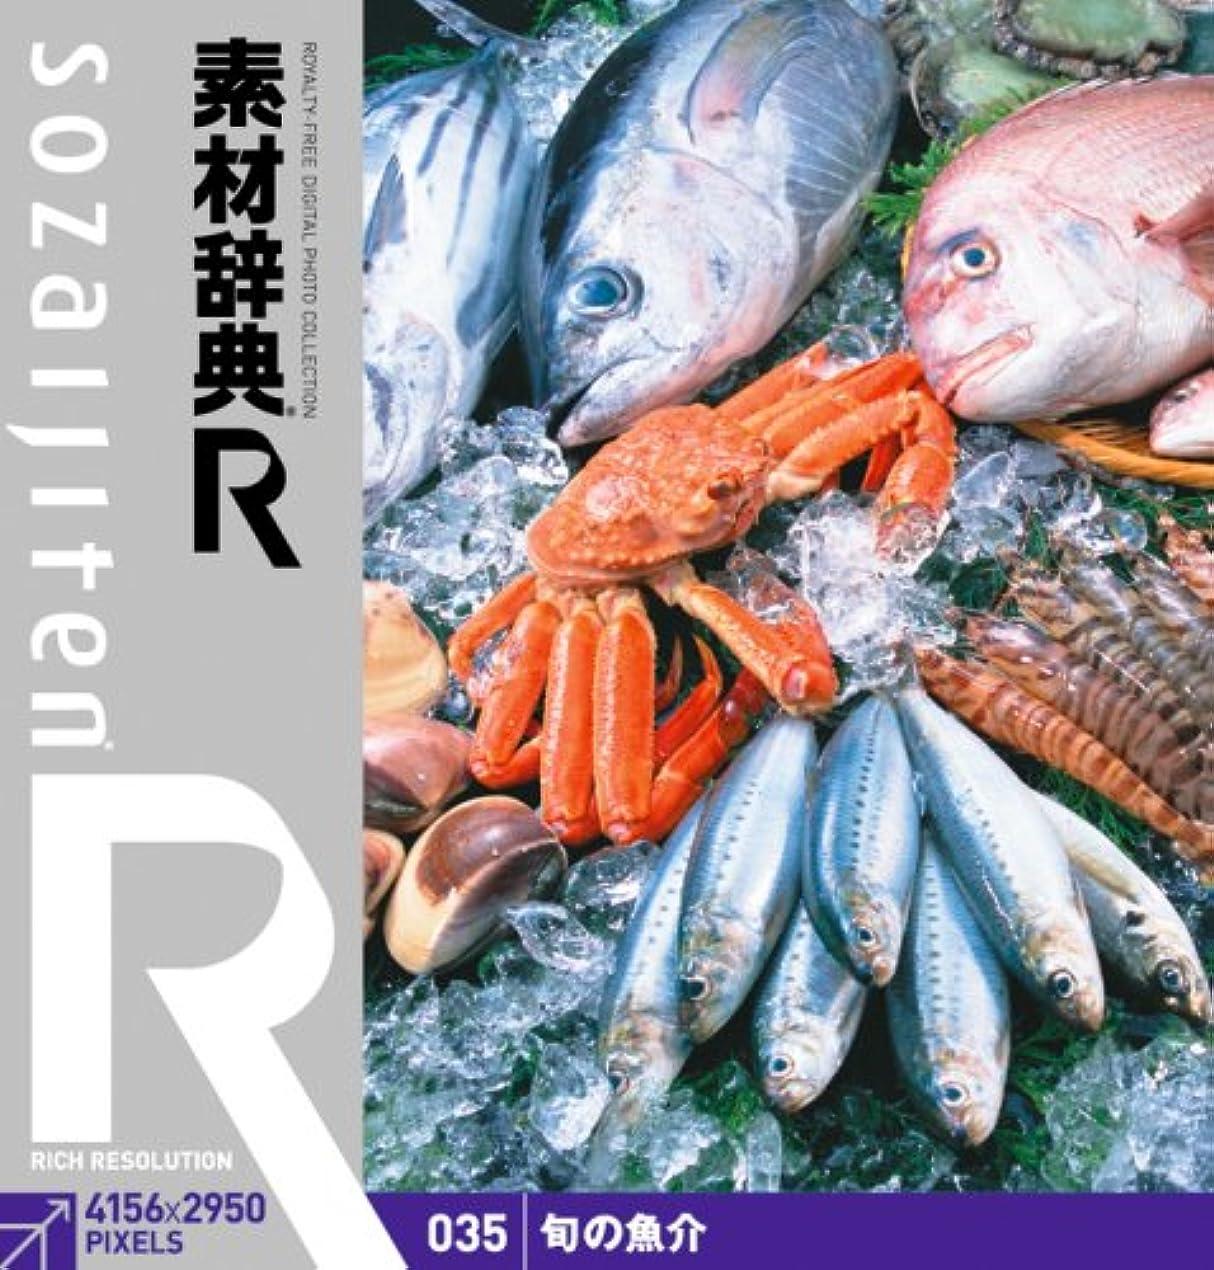 する組ロデオ素材辞典[R(アール)] 035 旬の魚介